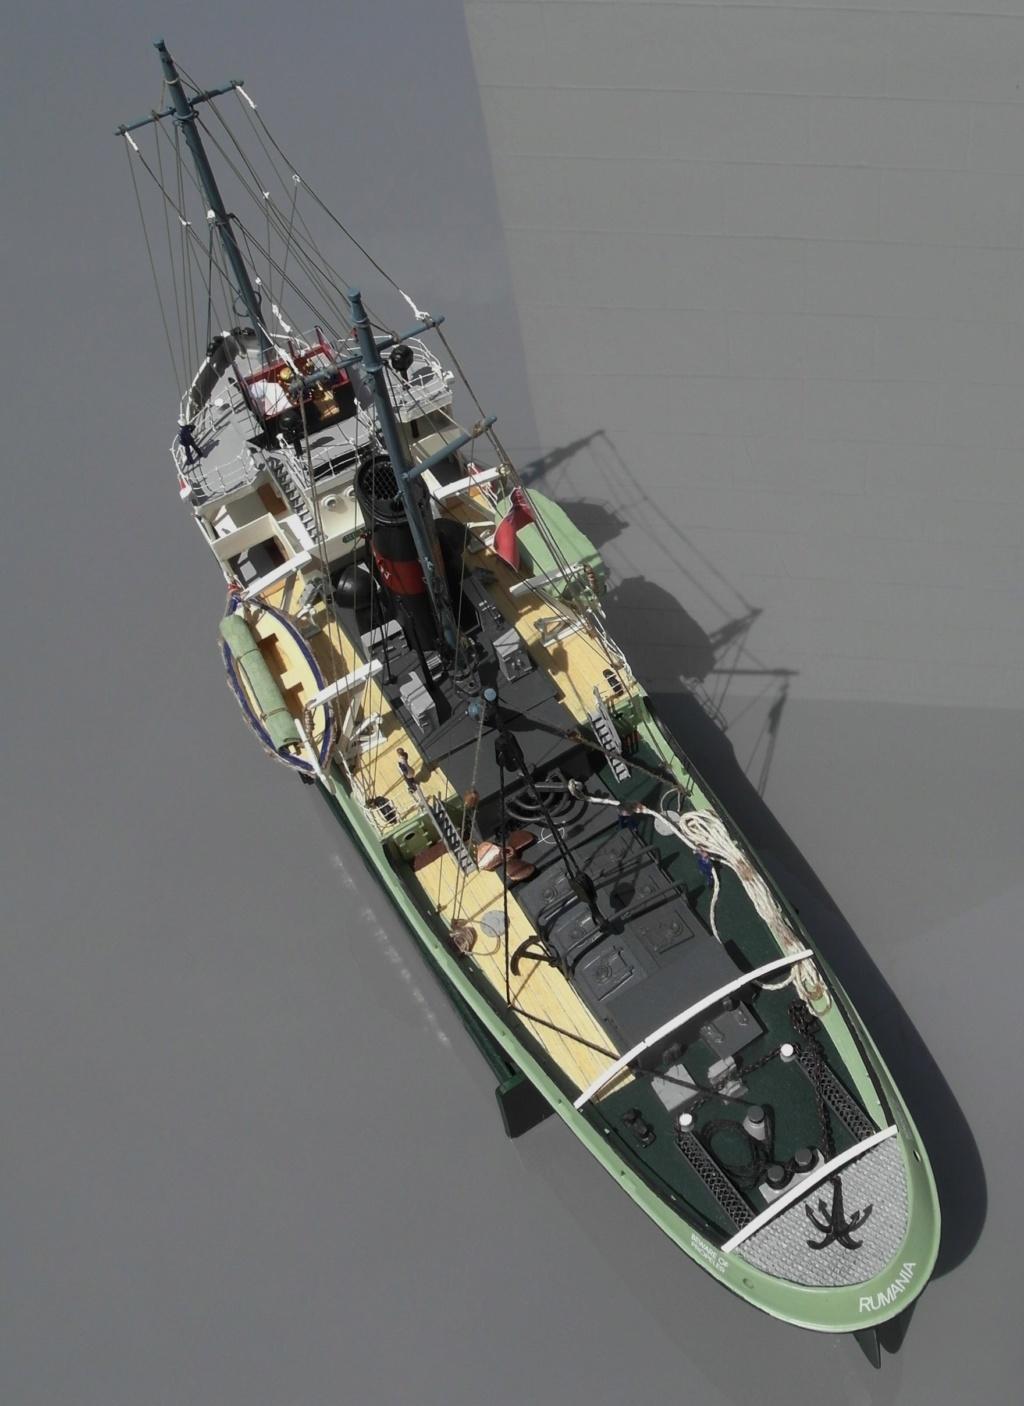 Remorqueur de haute mer S.T. Rumania (RC Deans Marine 1/96°) de Philippe R. DAVID Sam_0047